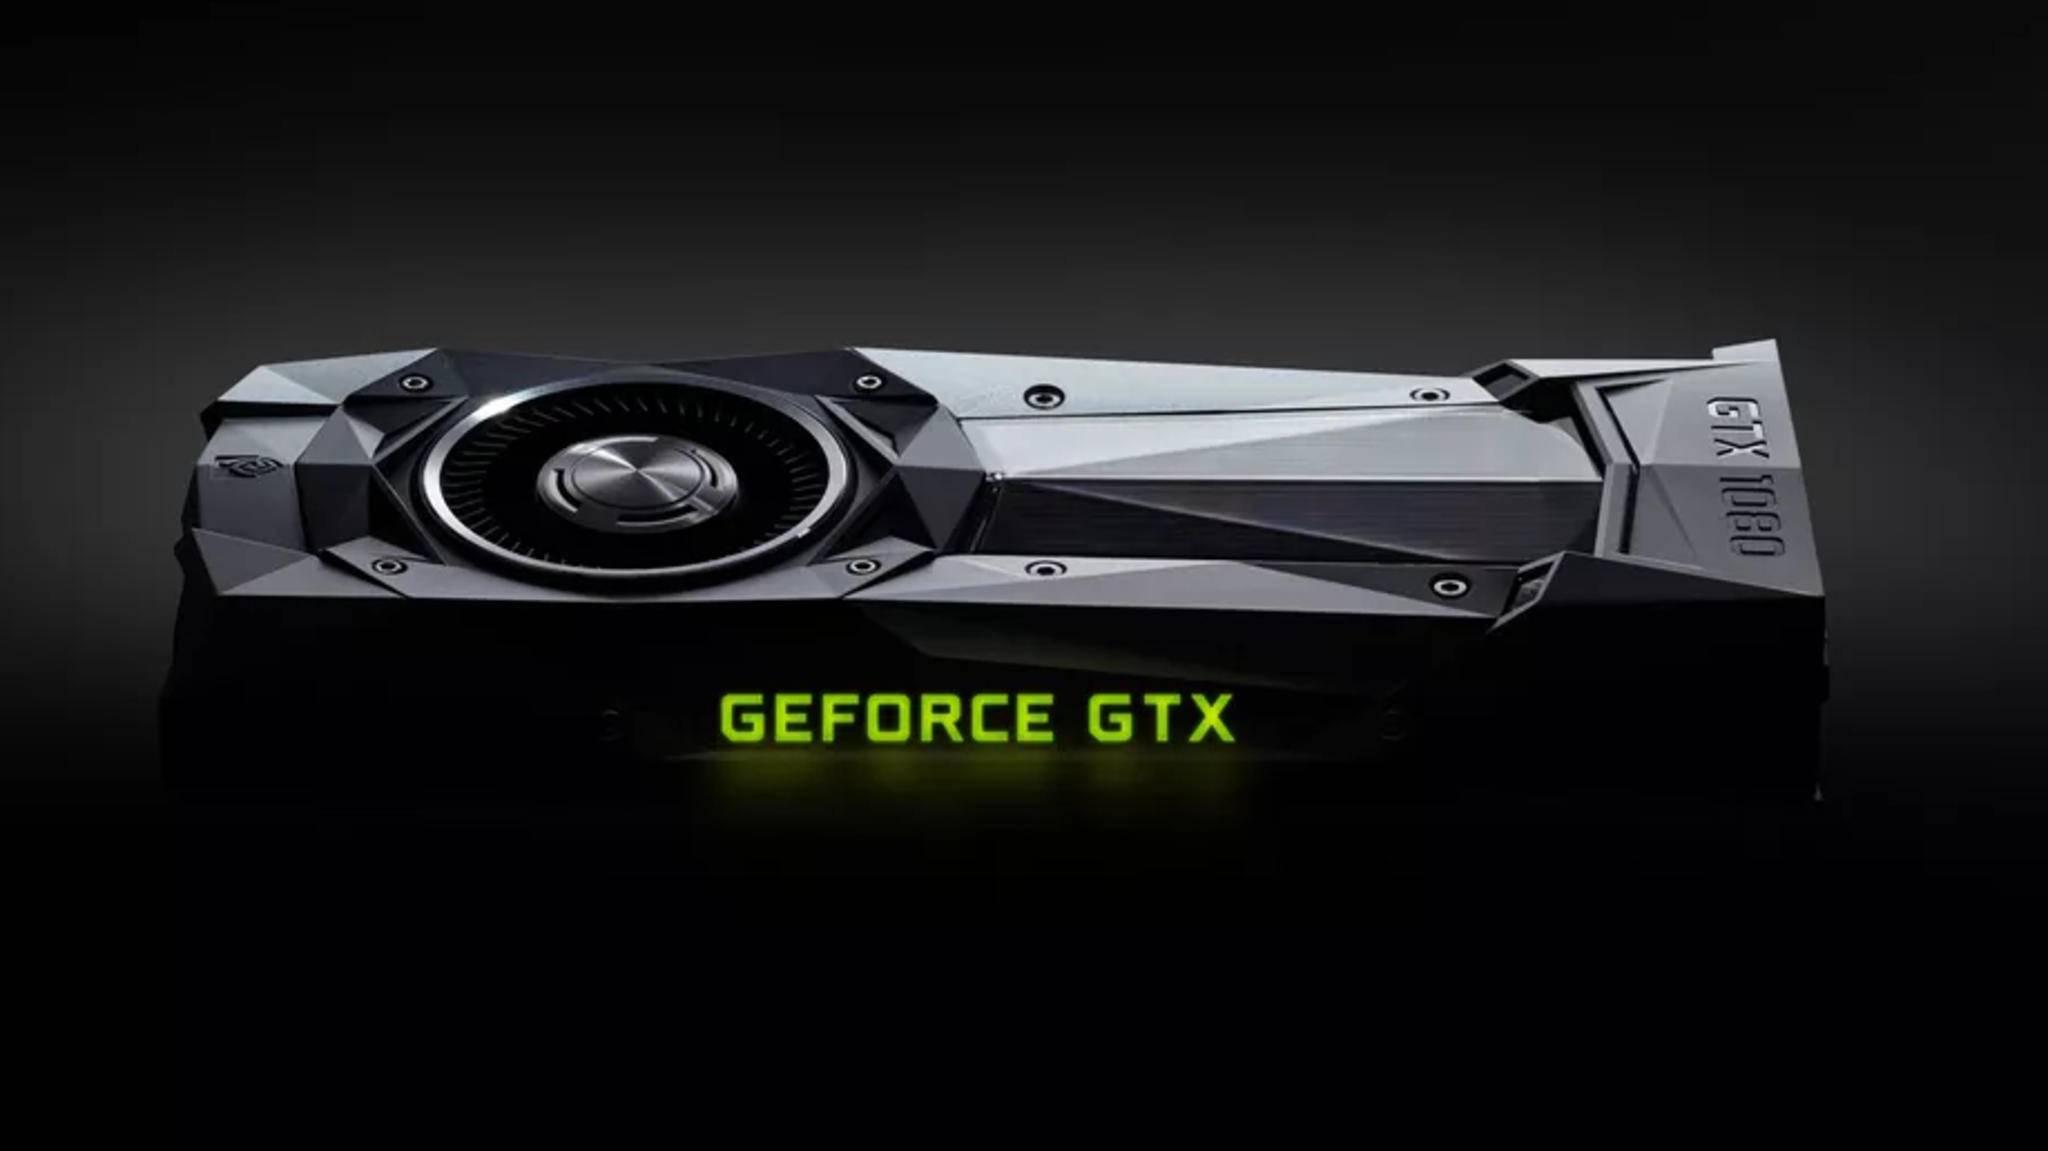 Nvidia macht Raytracing auf Karten der GTX-Reihe verfügbar – allerdings mit Einschränkungen.